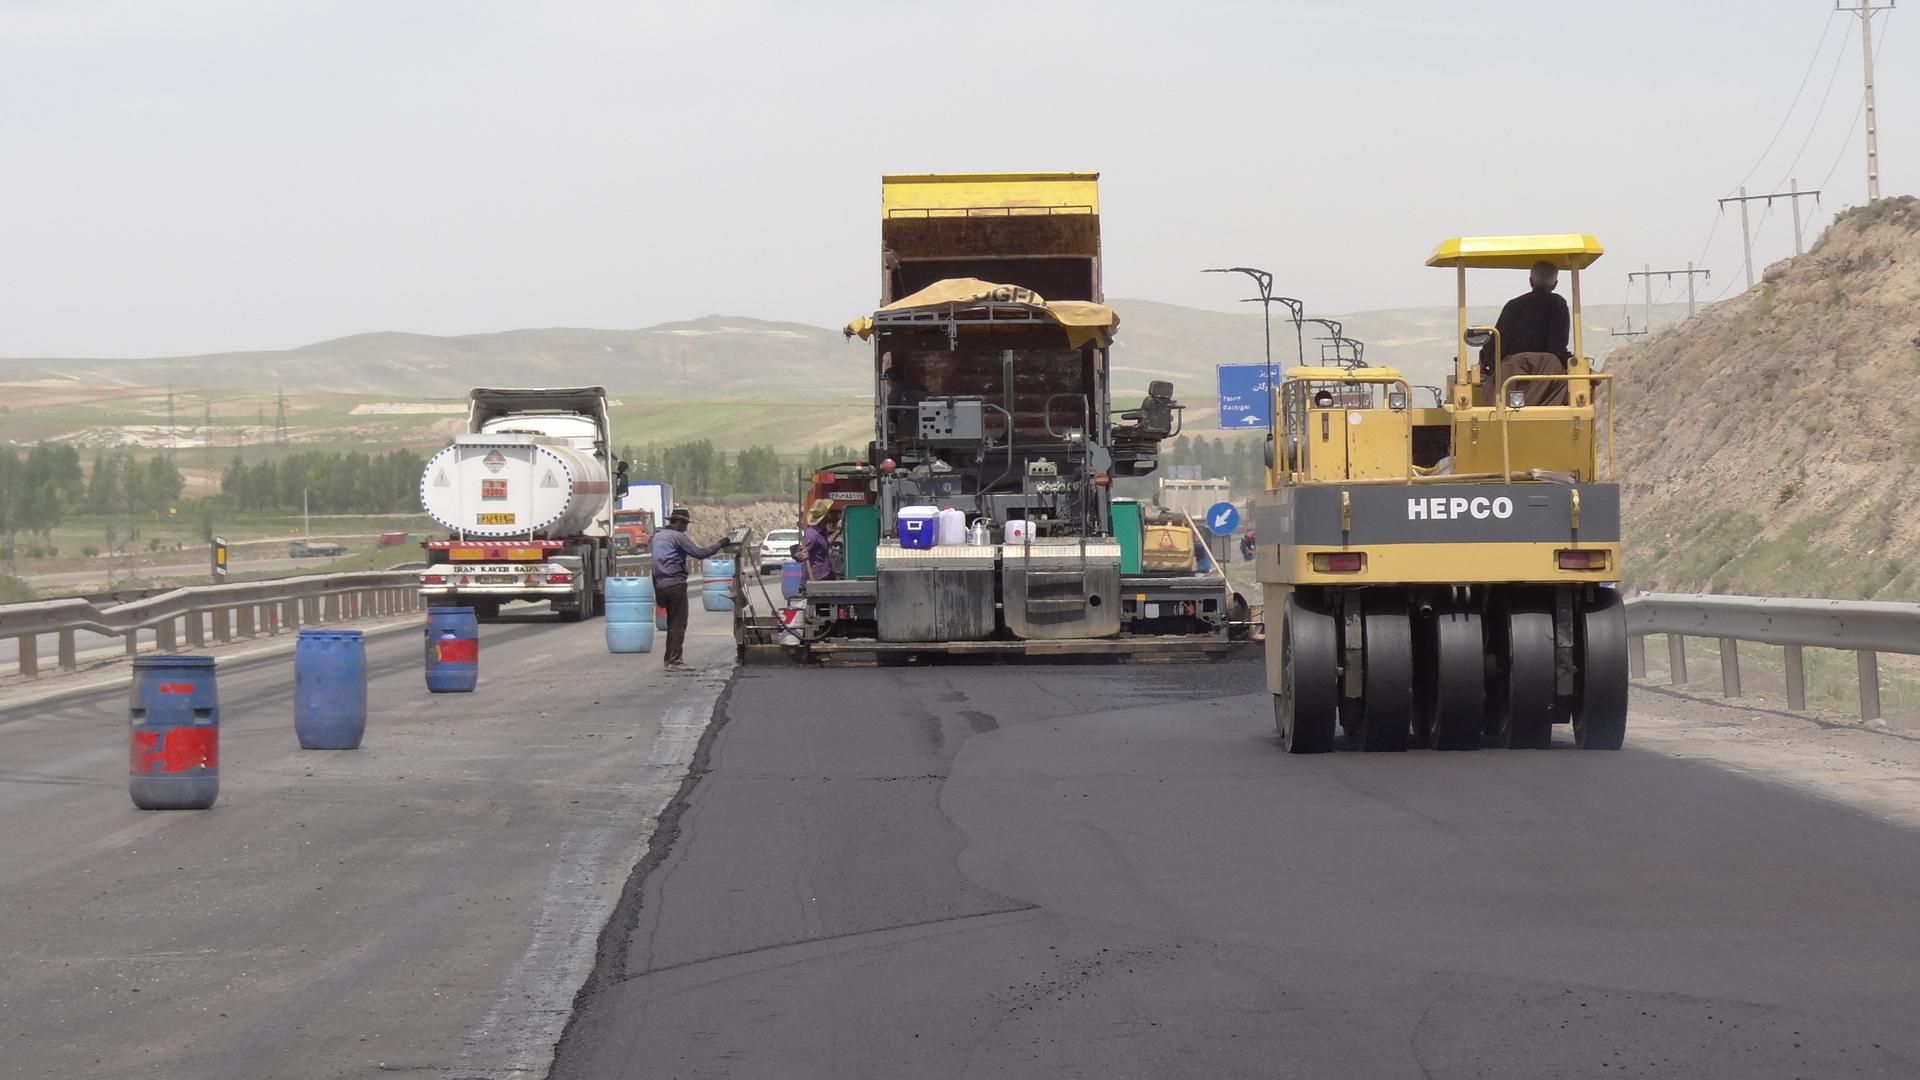 بهسازی وروکش آسفالت 10 محورشريانی درجاده های آذربايجان شرقی درحال اجراست